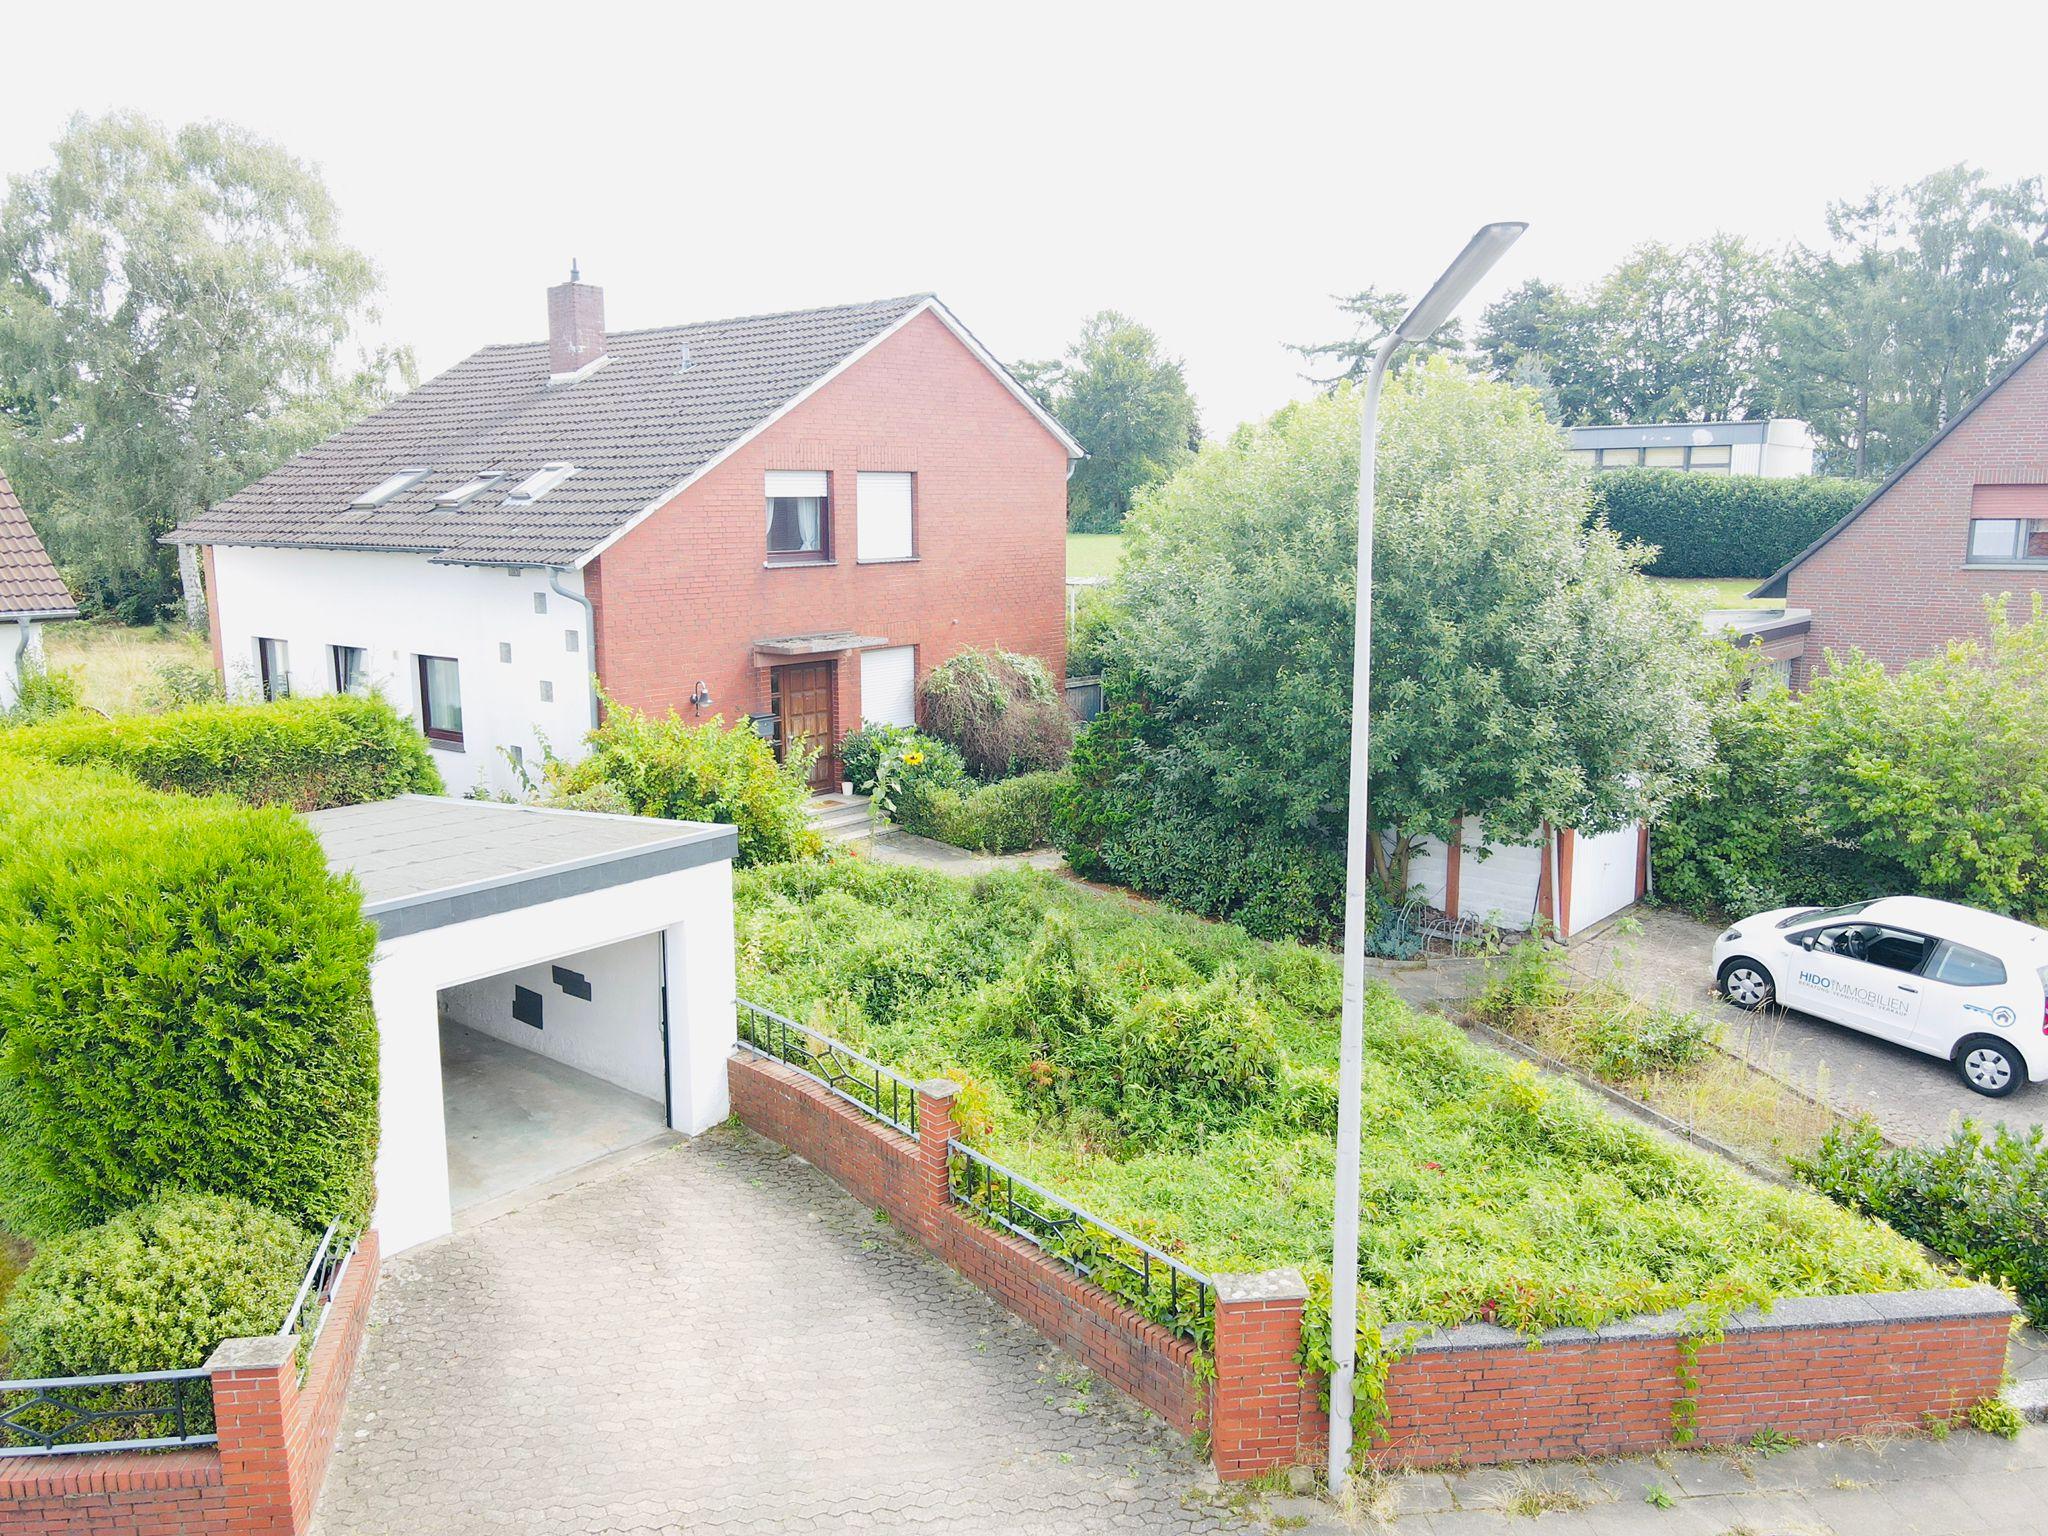 Reizendes 2-Familienhaus mit beachtlichem Grundstück In Minden-Dankersen.